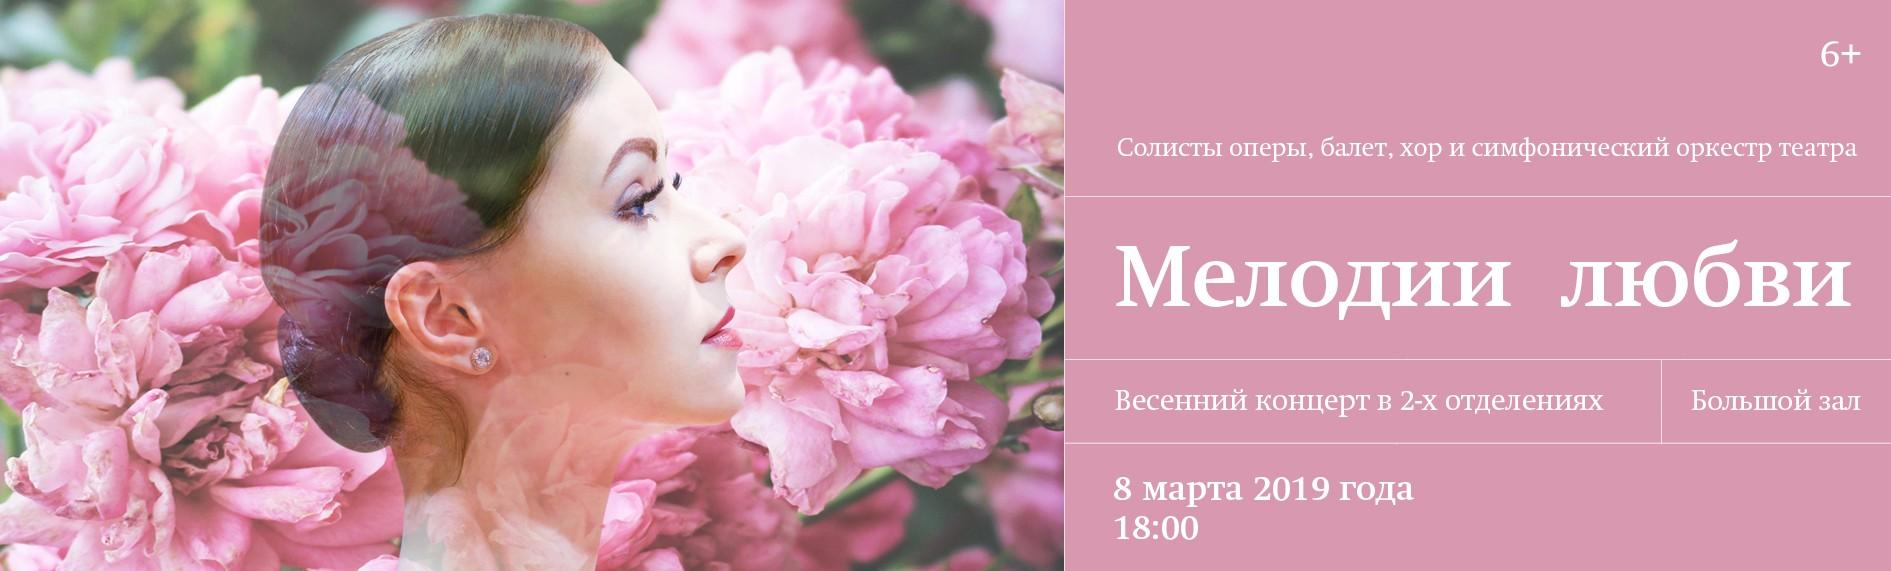 """Праздничный концерт """"Мелодии любви"""""""